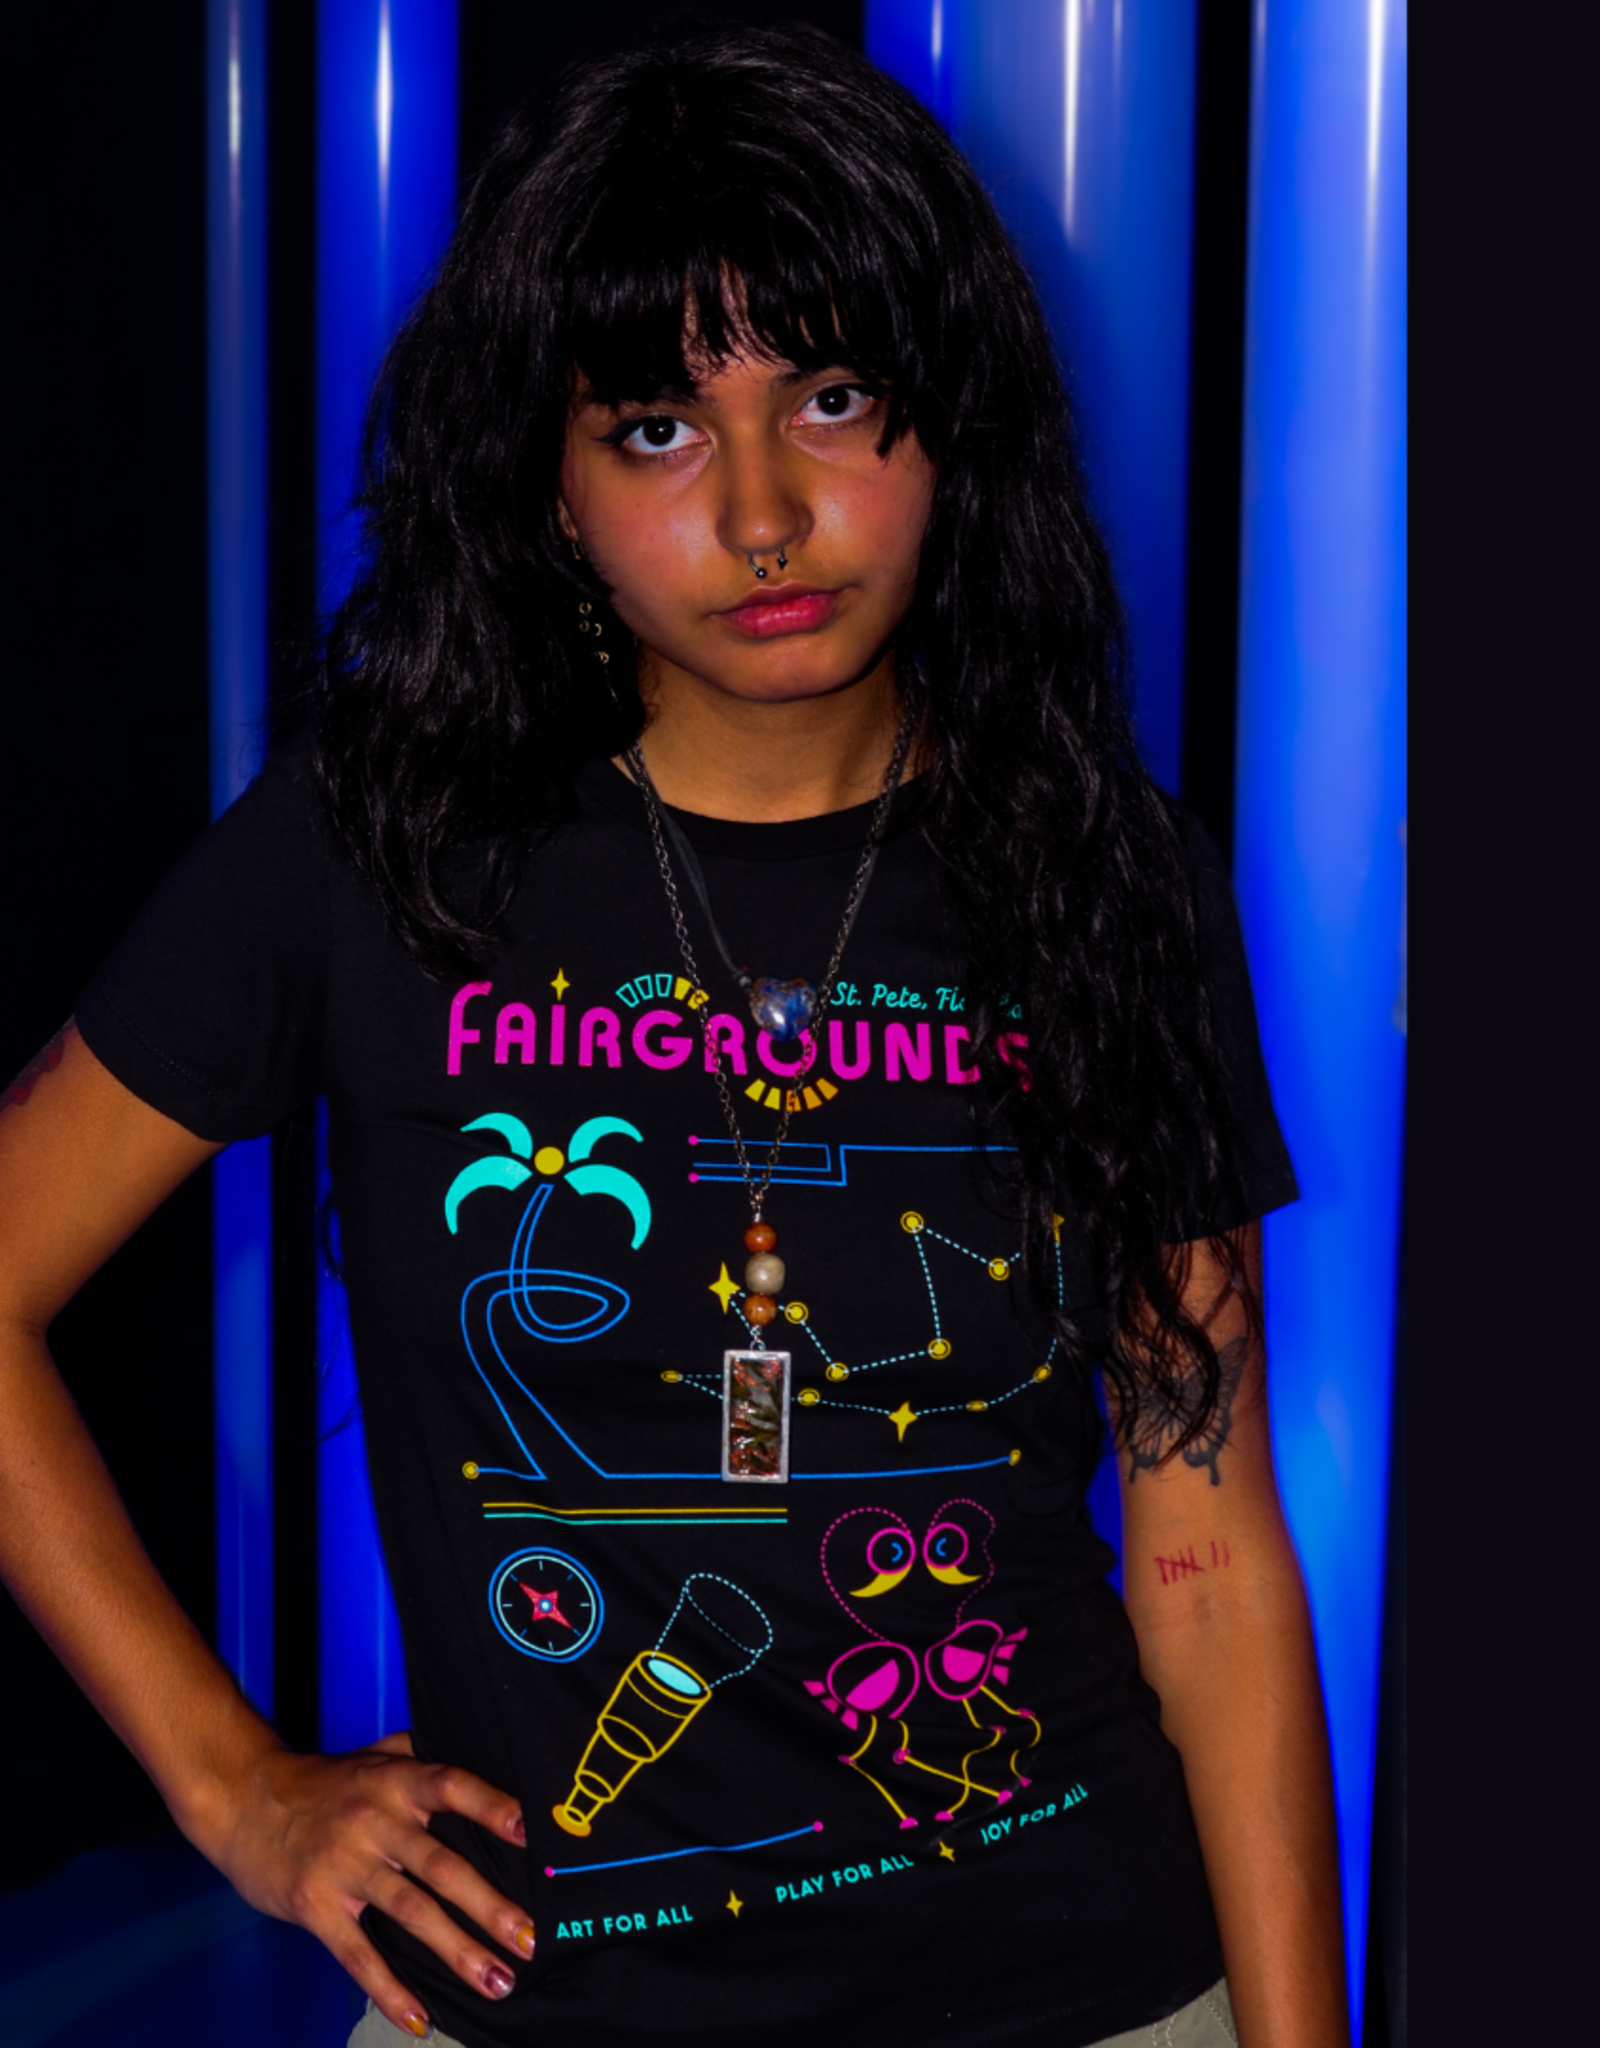 Fairgrounds St. Pete T-Shirt Fairgrounds Cast and Characters [FG]